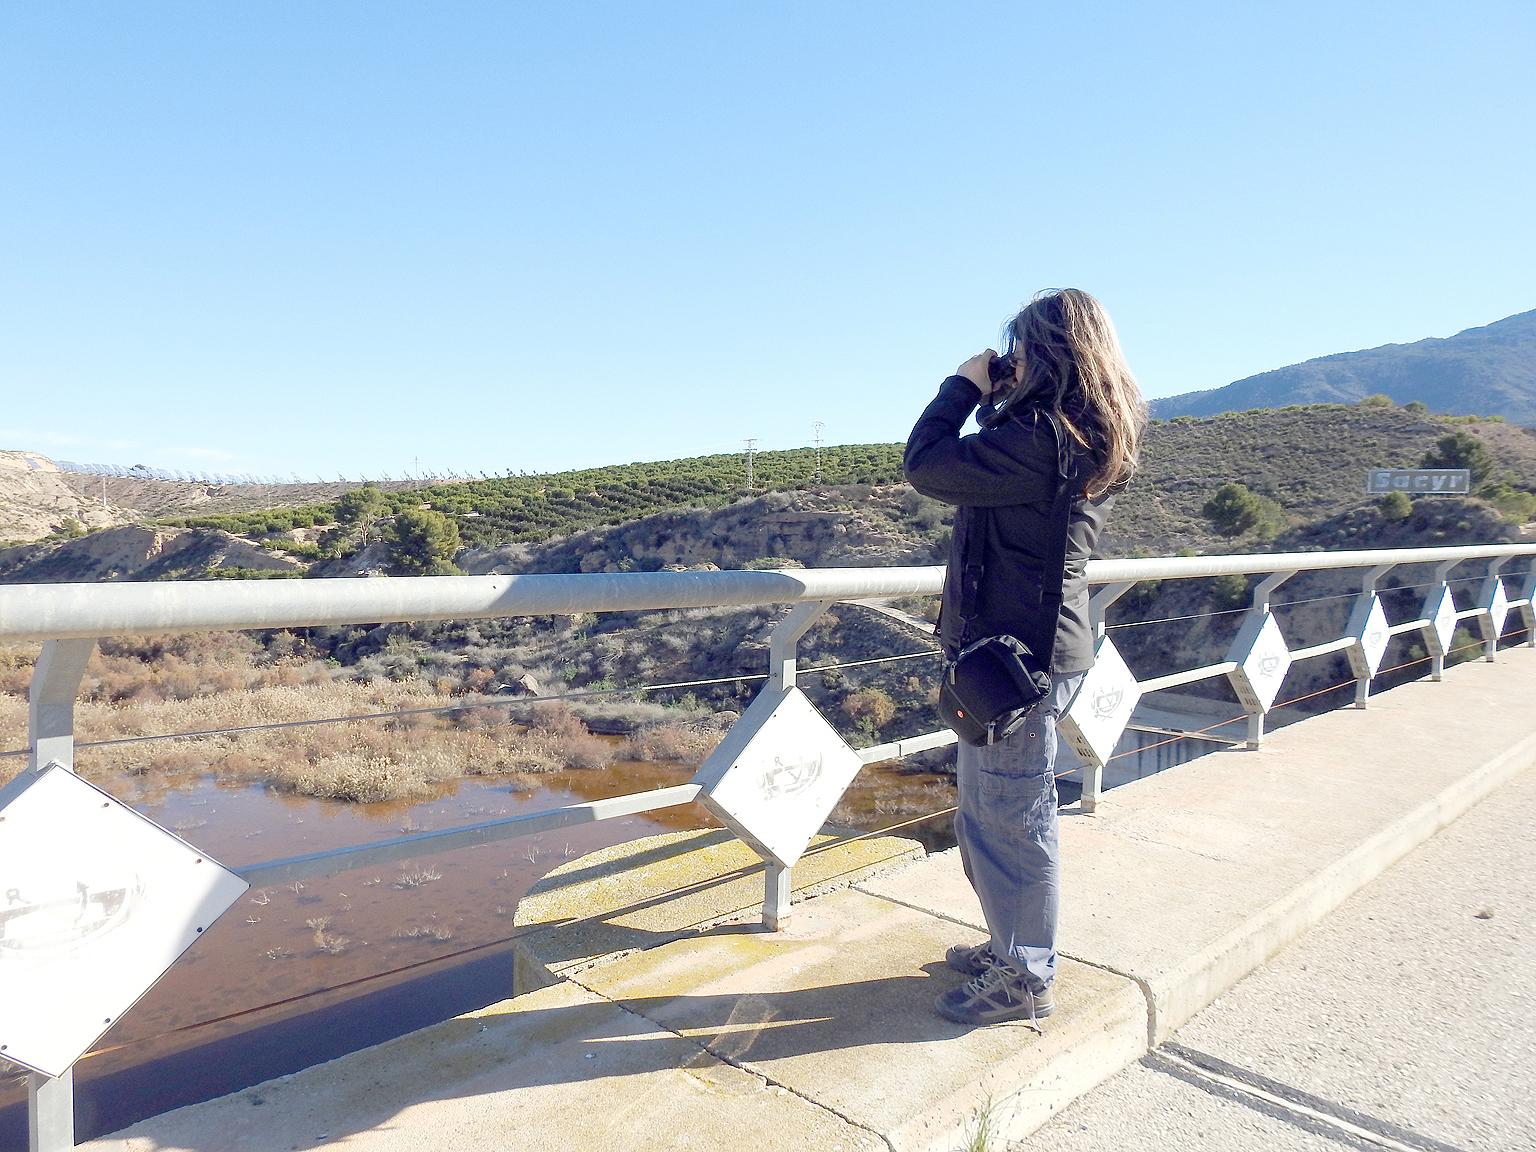 Un momento de la observación, prismáticos en mano. Imagen: Susana Noguera